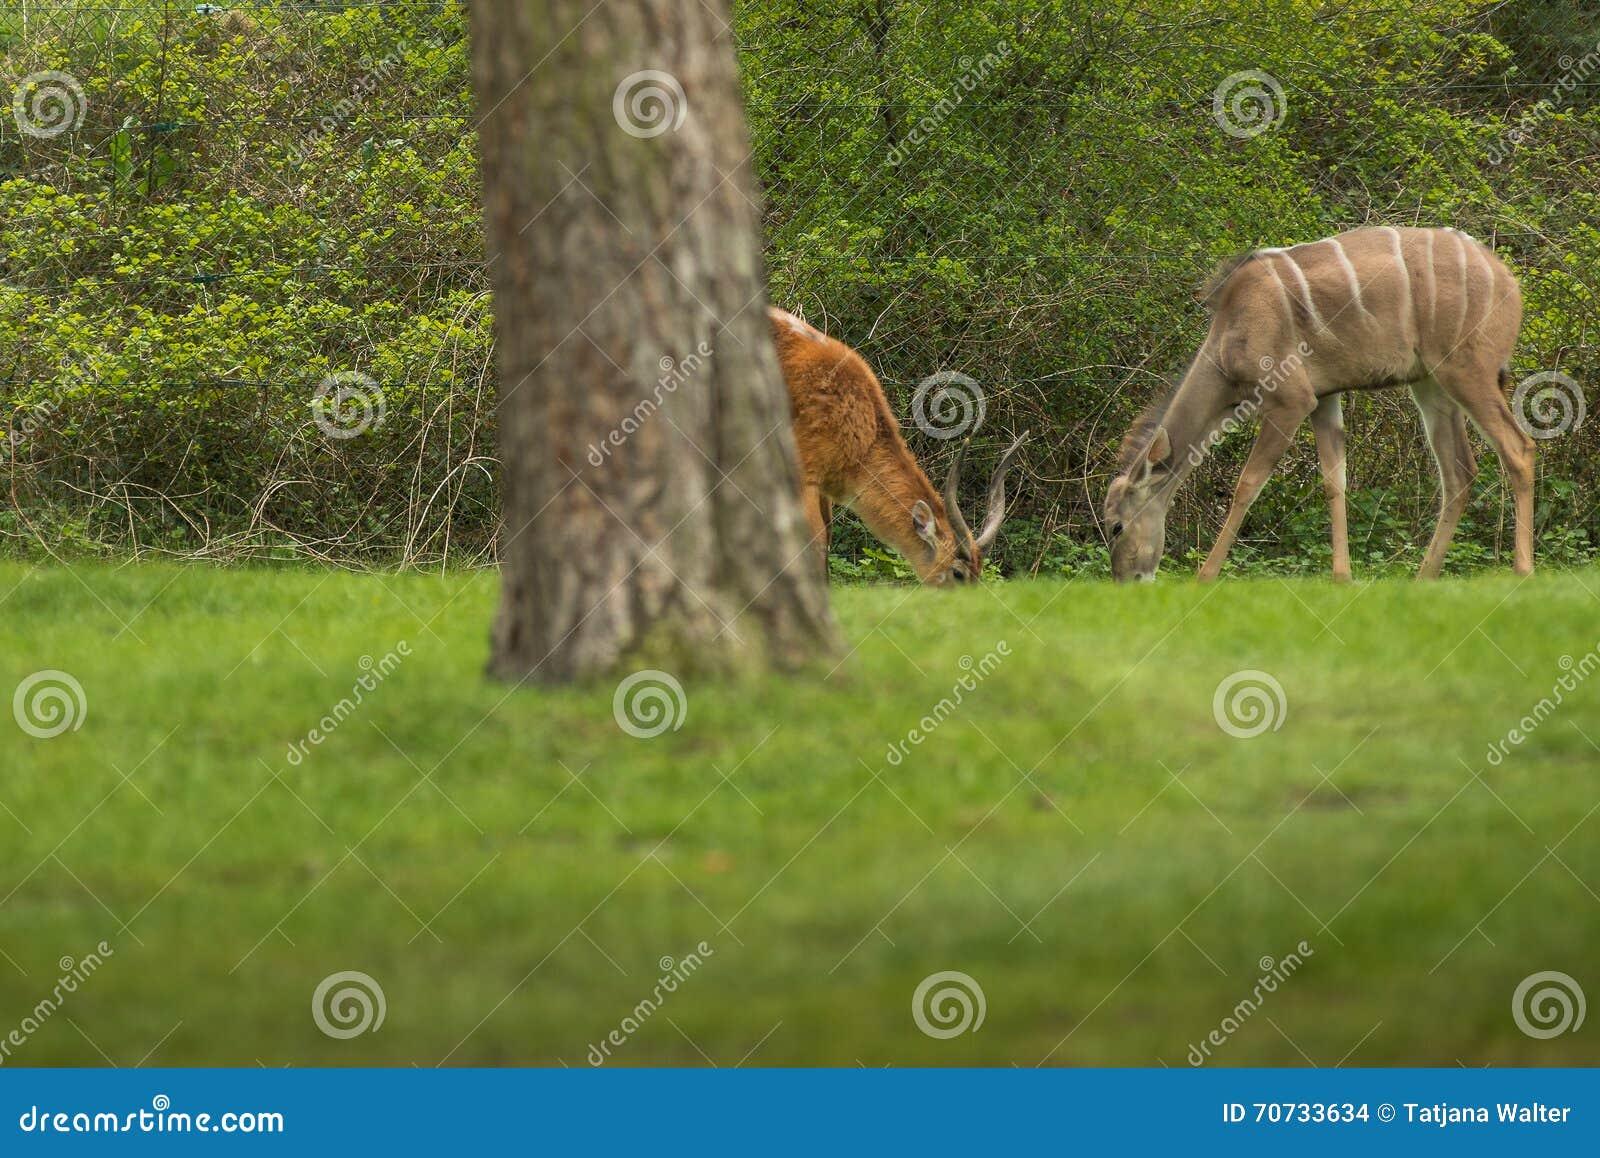 Lechwe (Kobus leche) is een antilope van de soort waterbuck